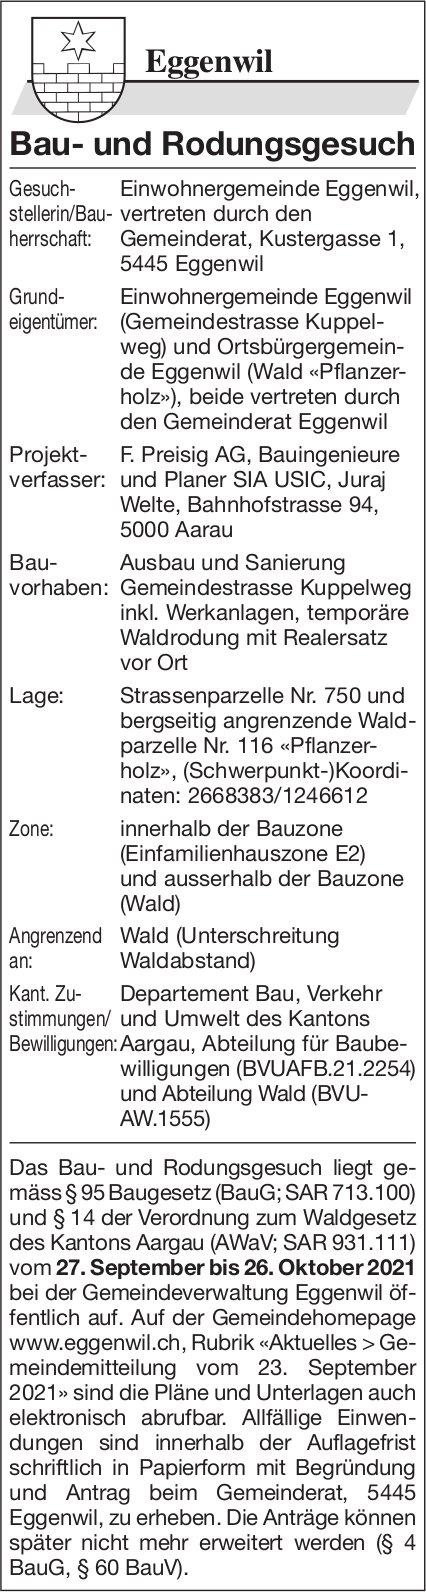 Baugesuche, Eggenwil - Bau- und Rodungsgesuch